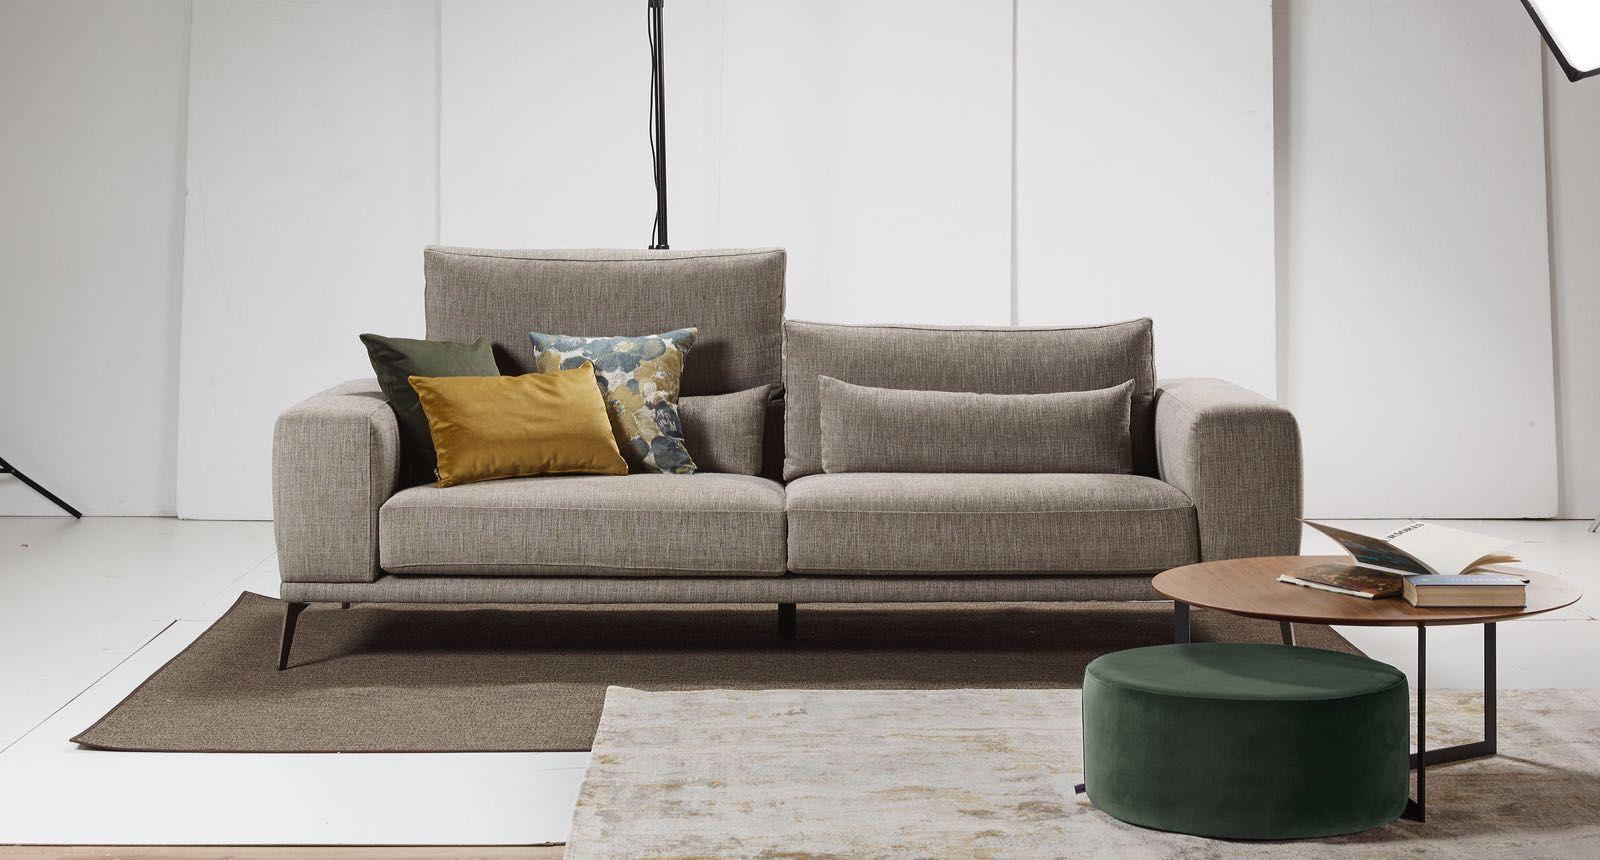 Rústica & Ambientes apuesta por los muebles propios y exclusivos